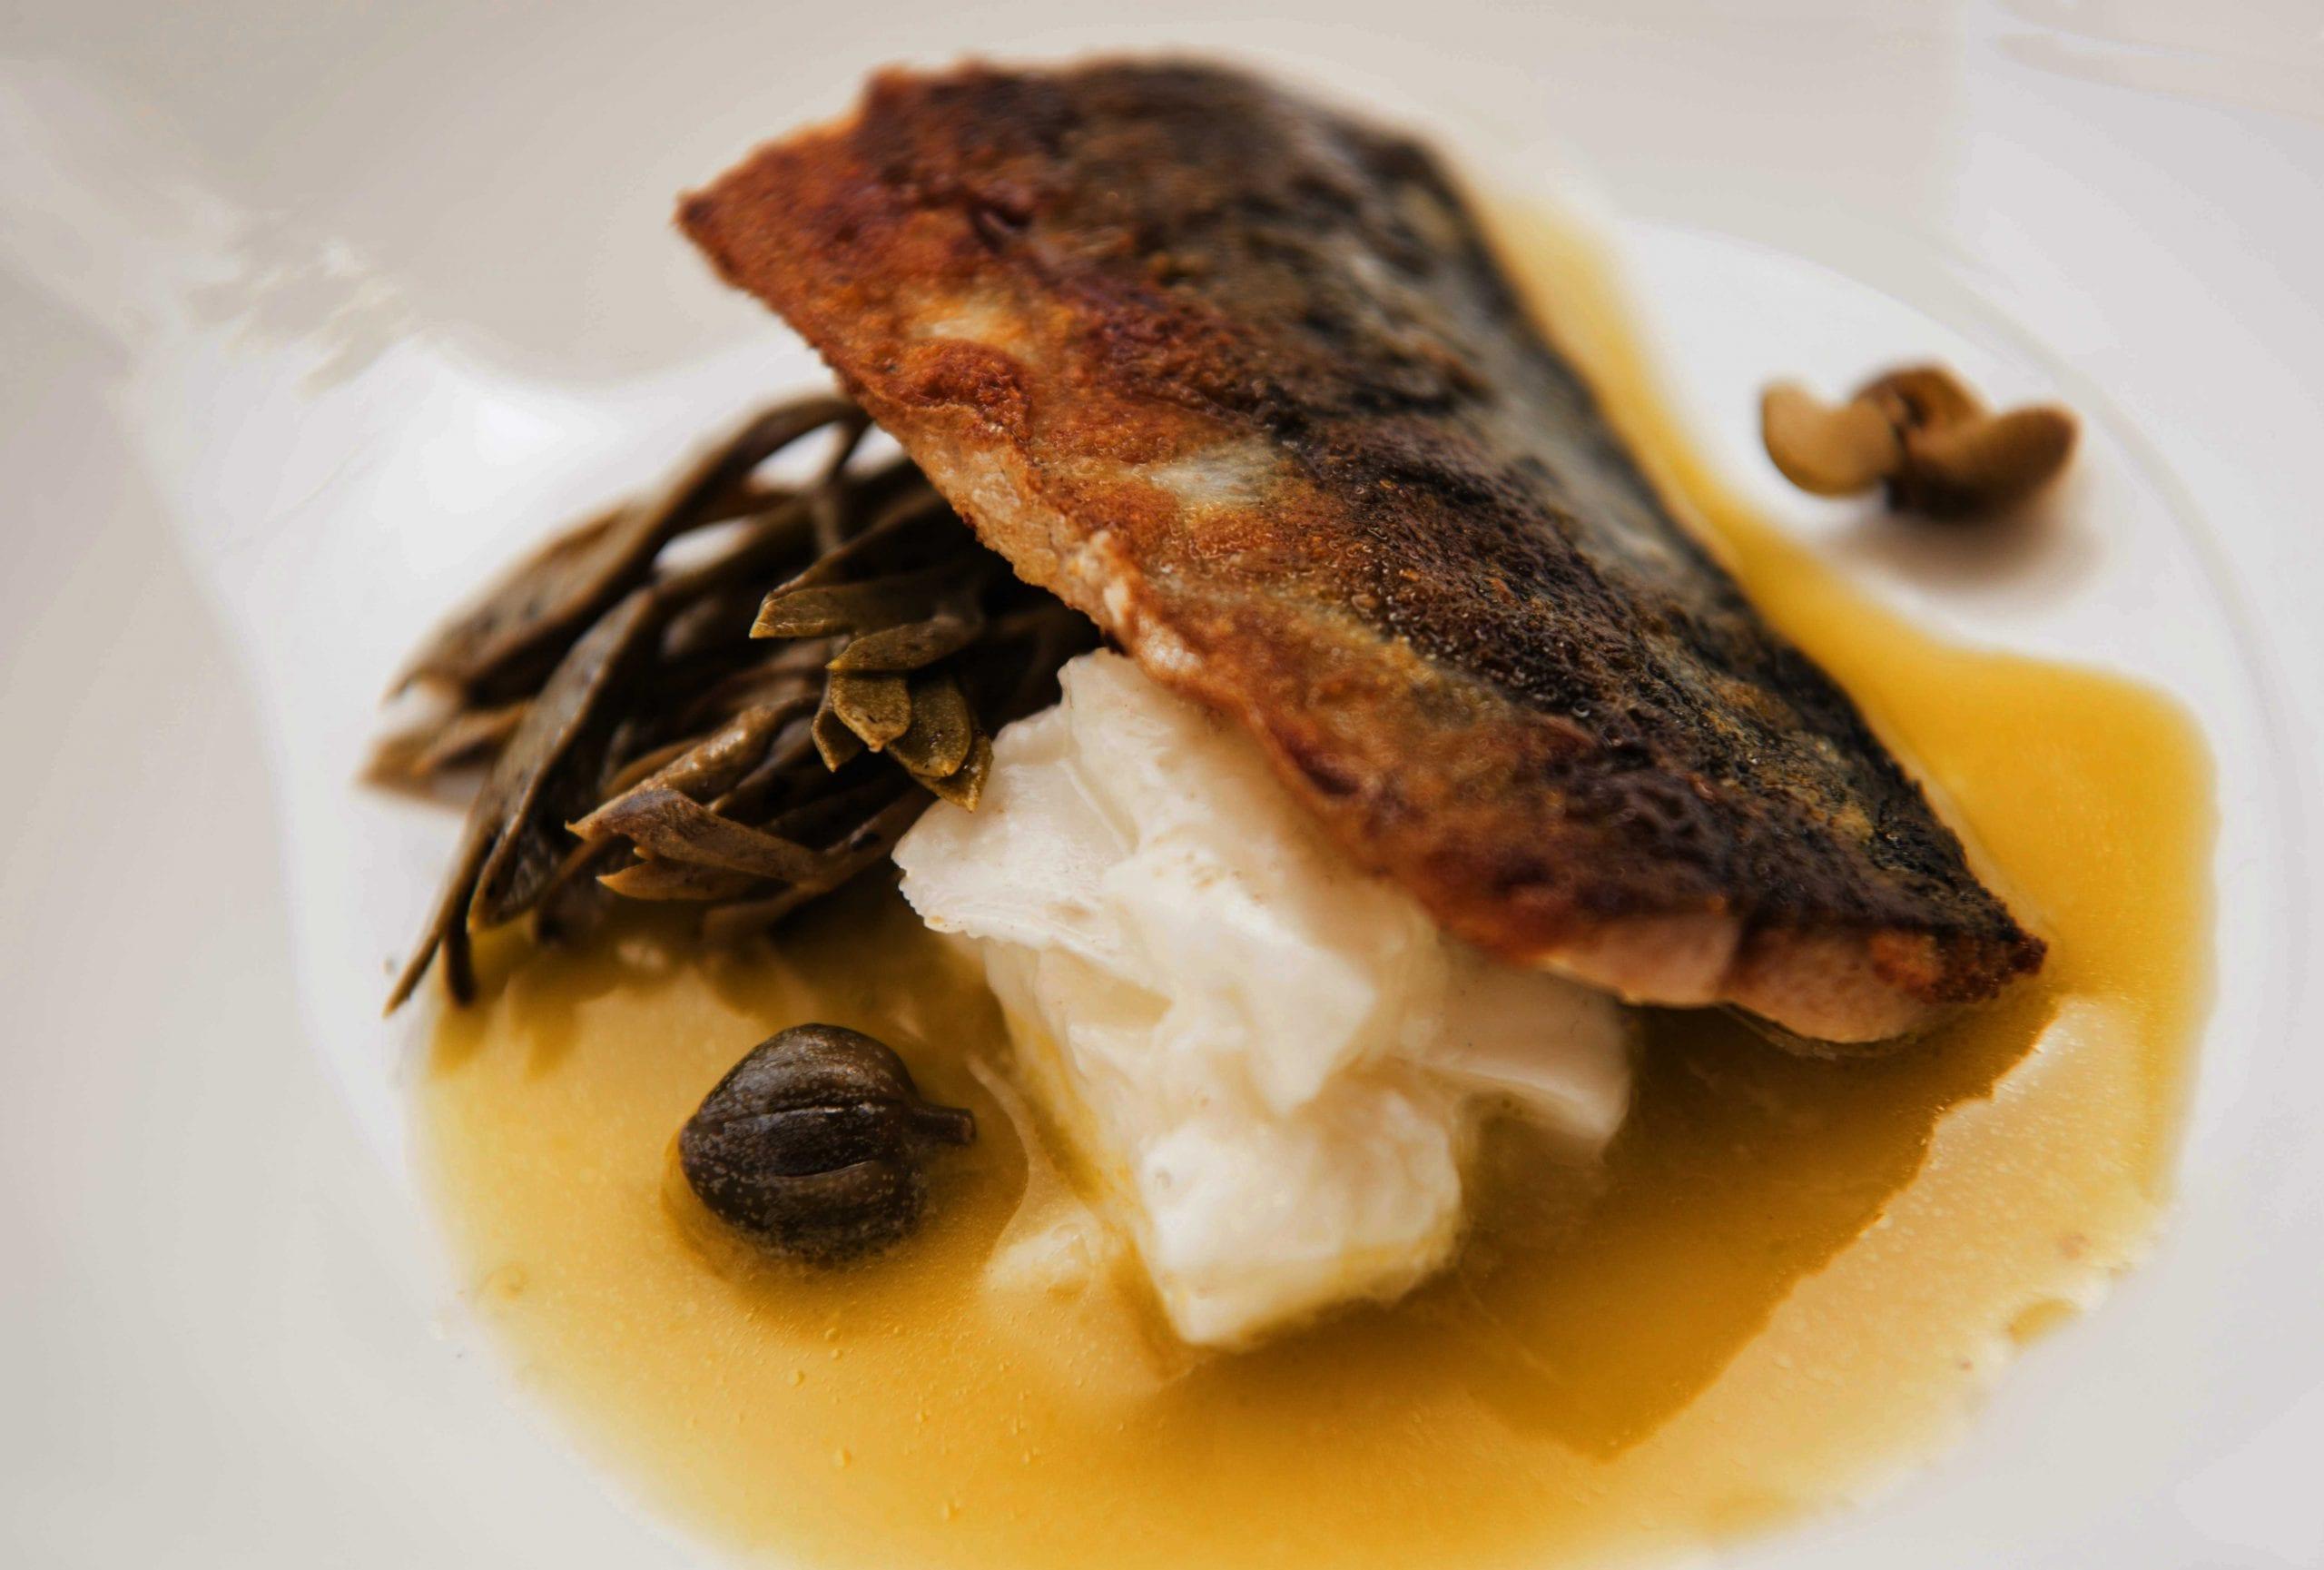 Sgombro confit, zuppa di olive verdi, bufala, finocchio di mare e capperi canditi di Martina Caruso